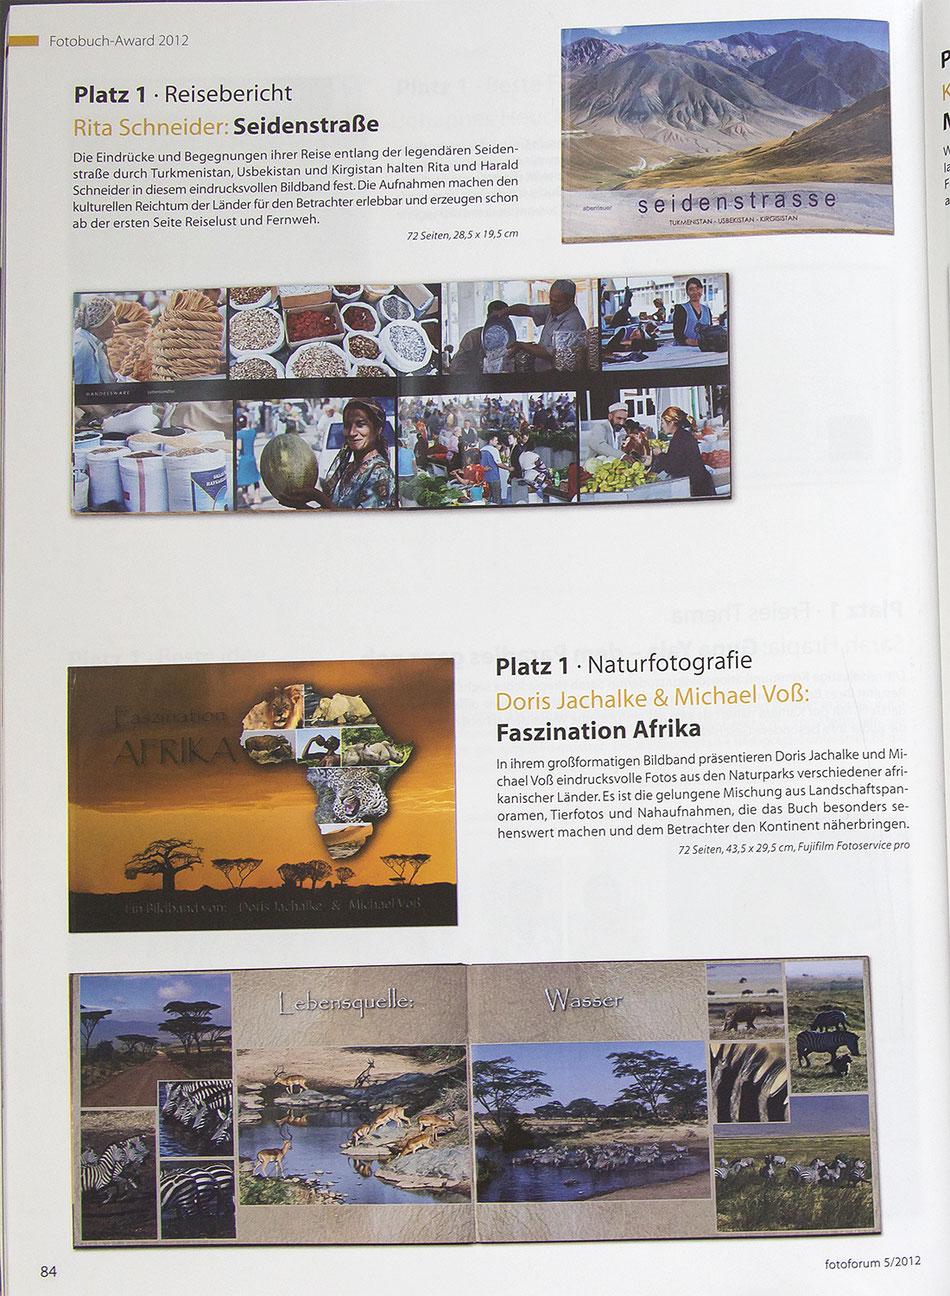 Fotobuch Seidenstraße Fotozeitschrift Fotoforum